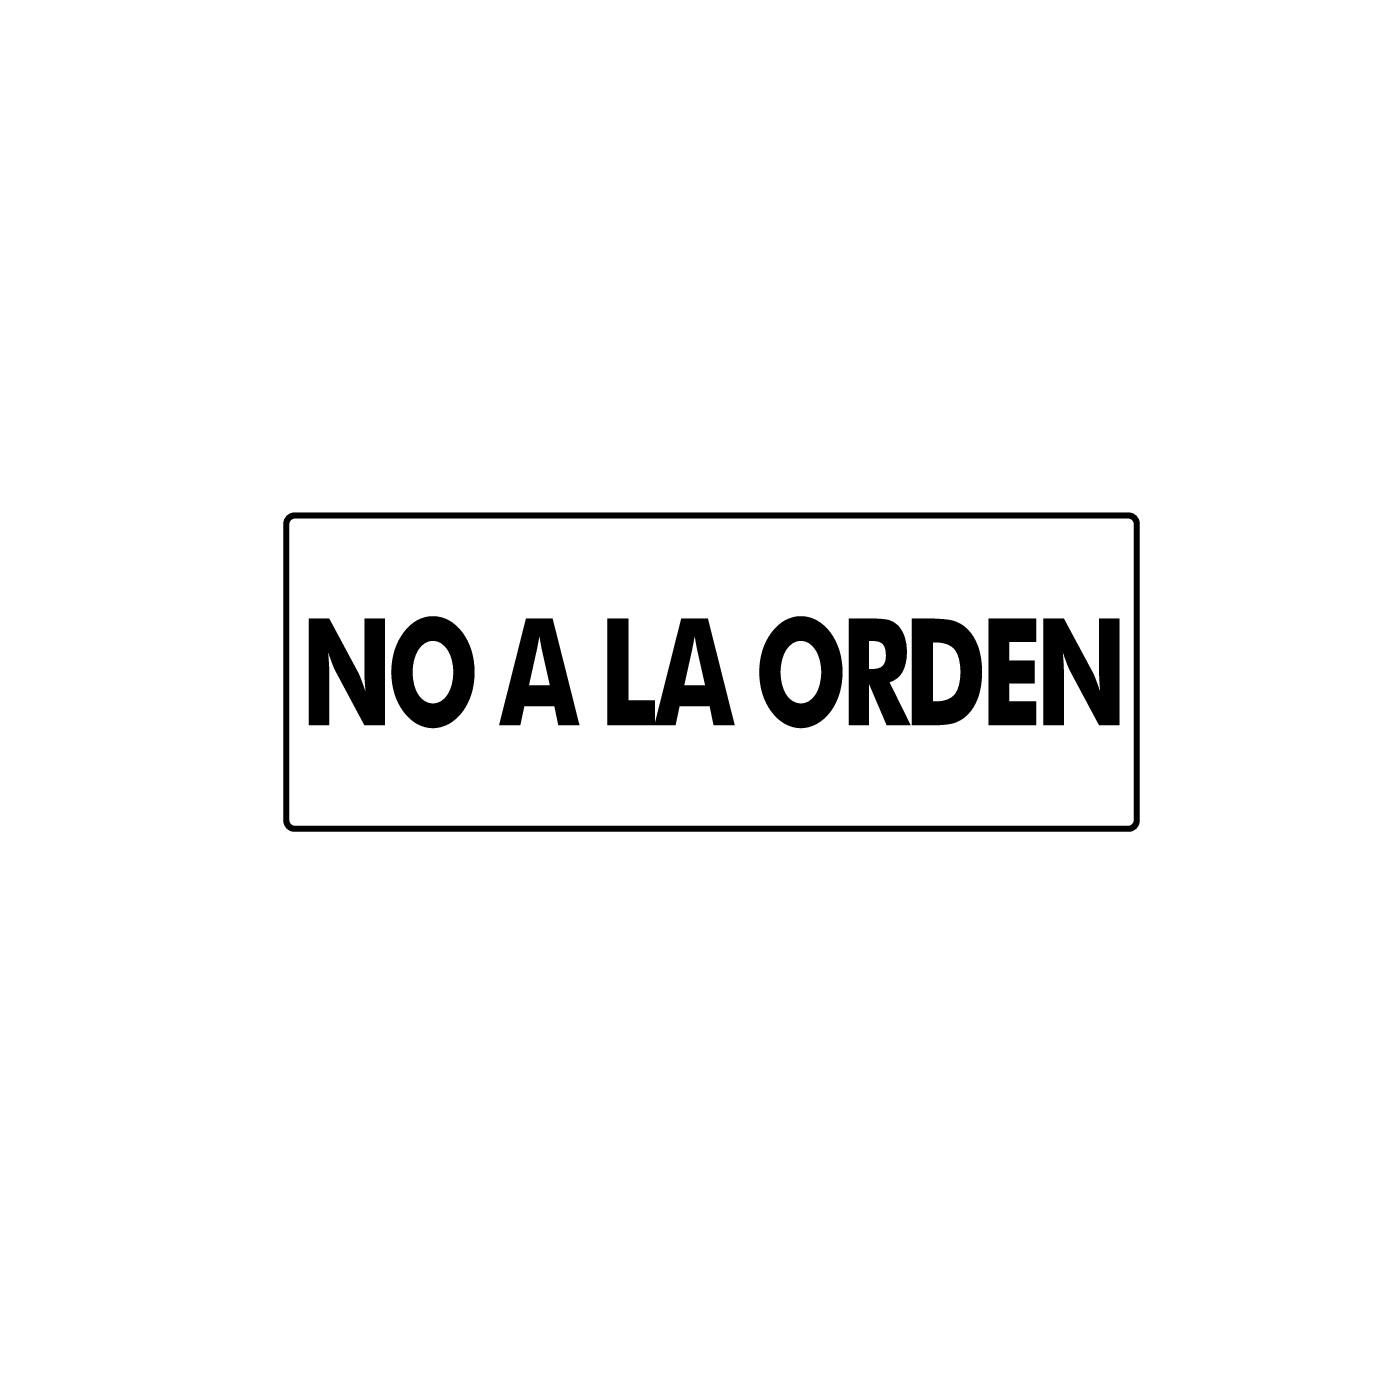 no-a-la-orden-001